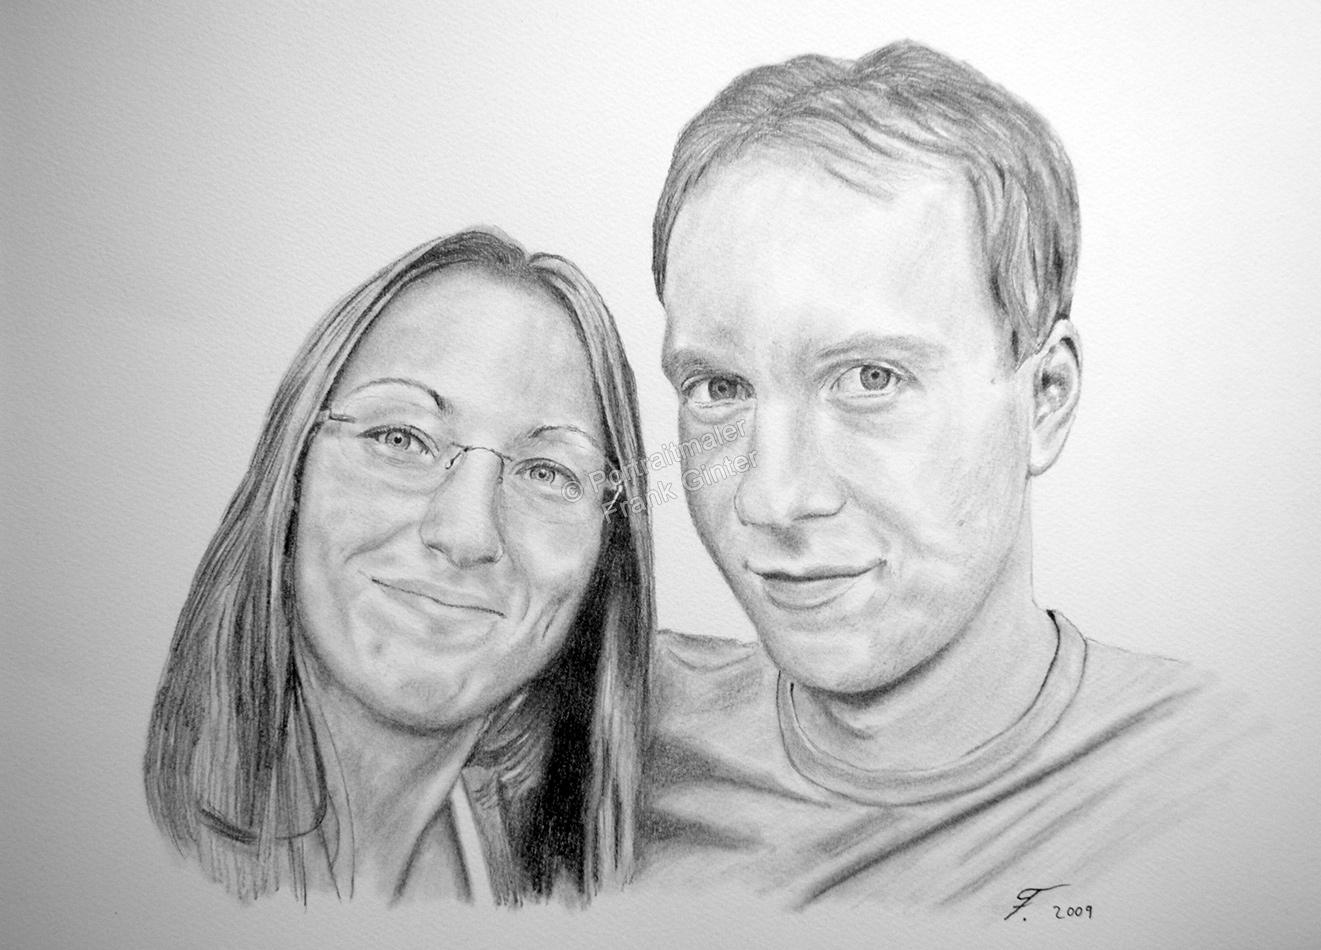 Bleistiftzeichnung, Portraitzeichnung - Menschen, Bleistiftzeichnungen von Liebenden, Bleistift Portraits, Portraitzeichnungen